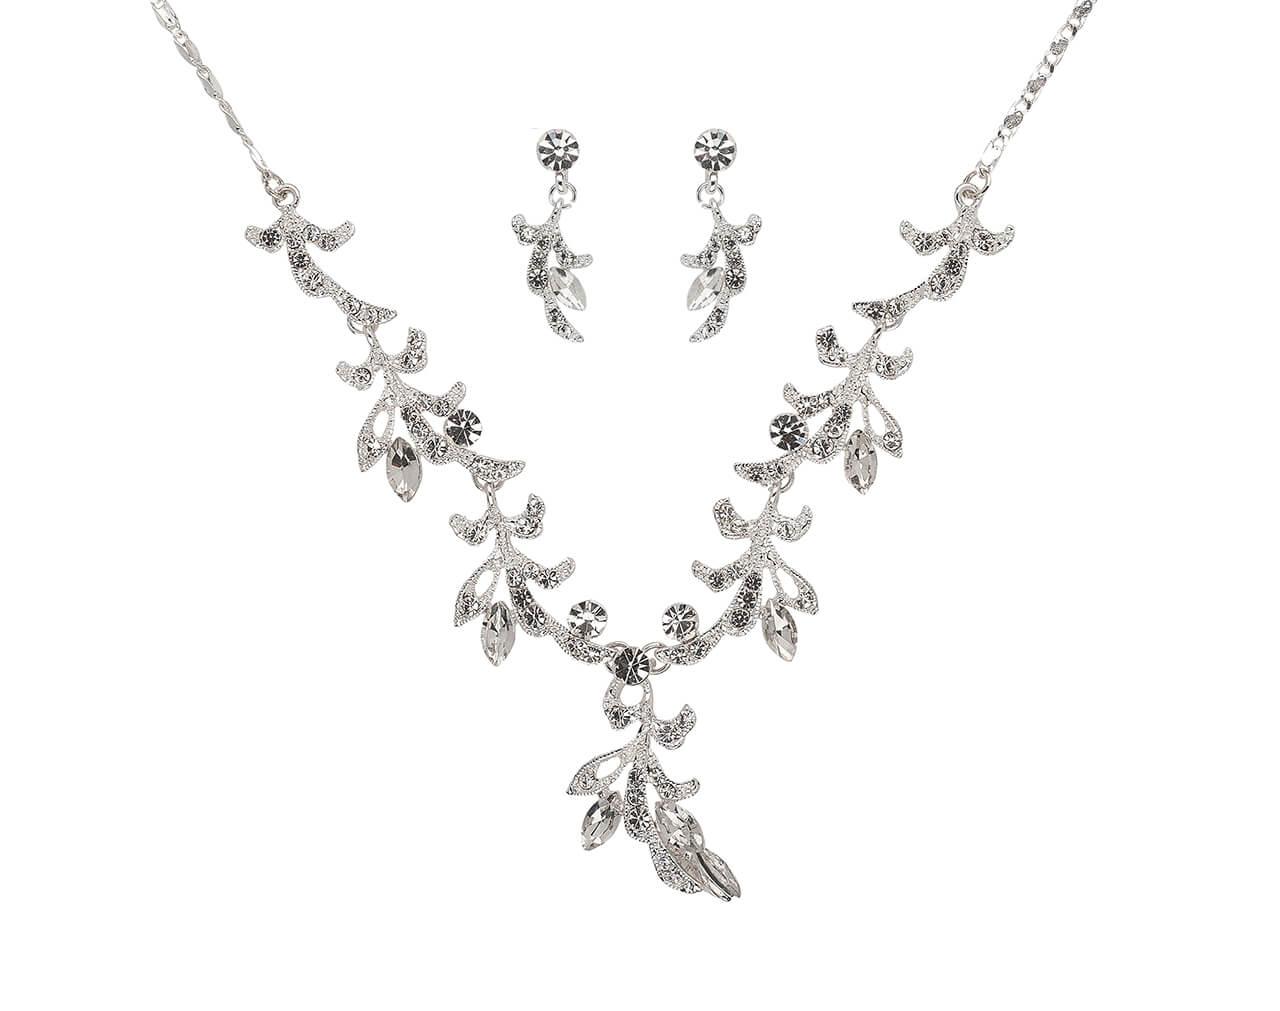 Brautschmuckset mit Halskette und Ohrringe NS1-5932